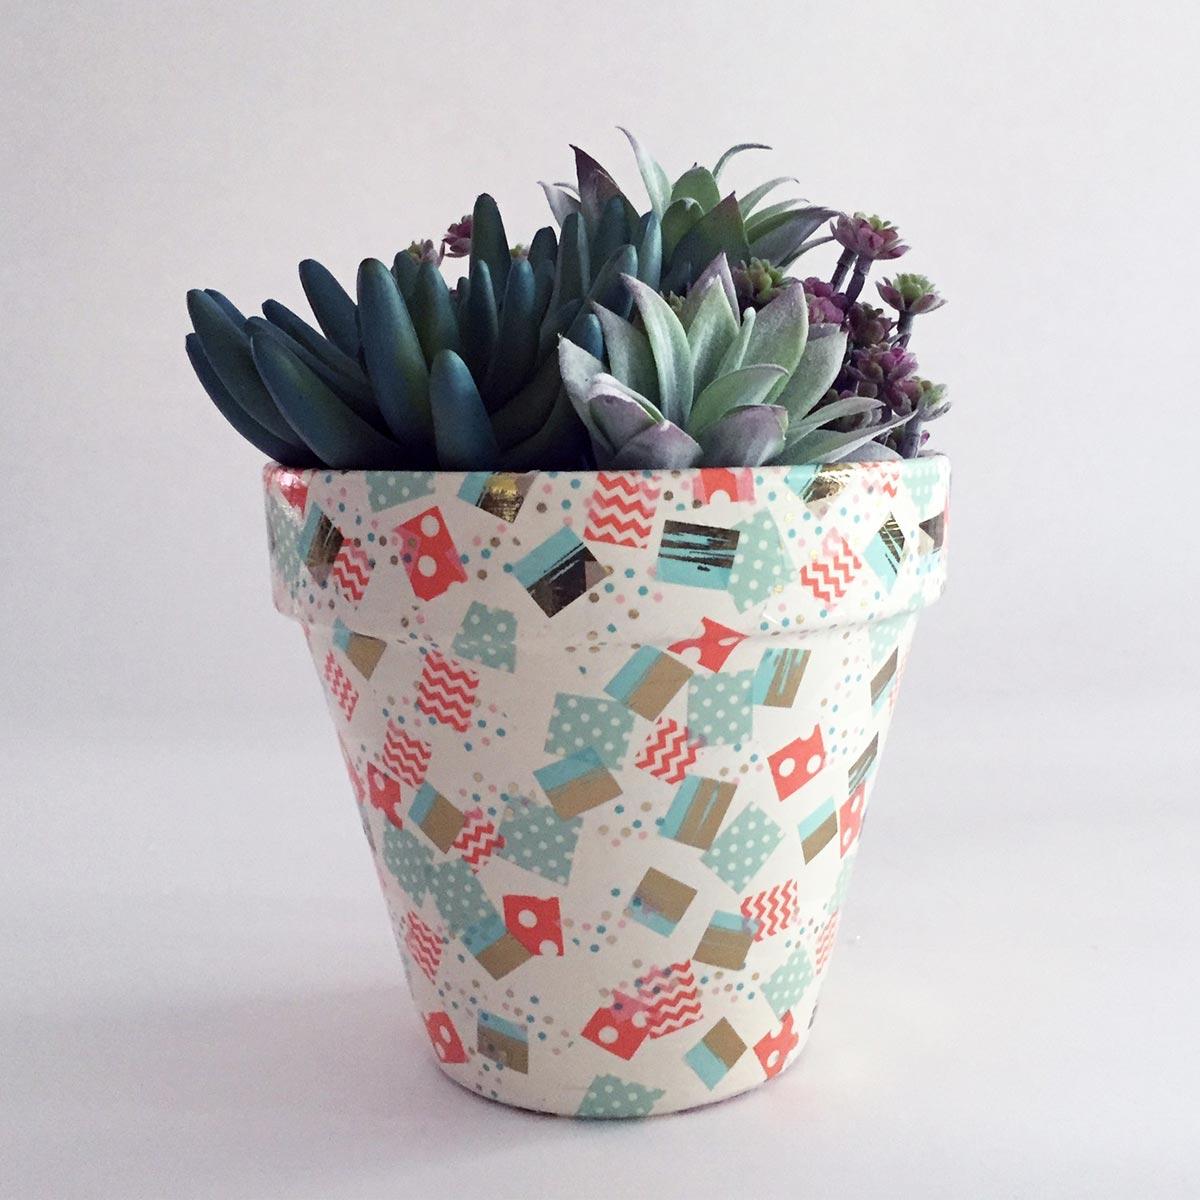 Confetti Washi Tape Clay Pot